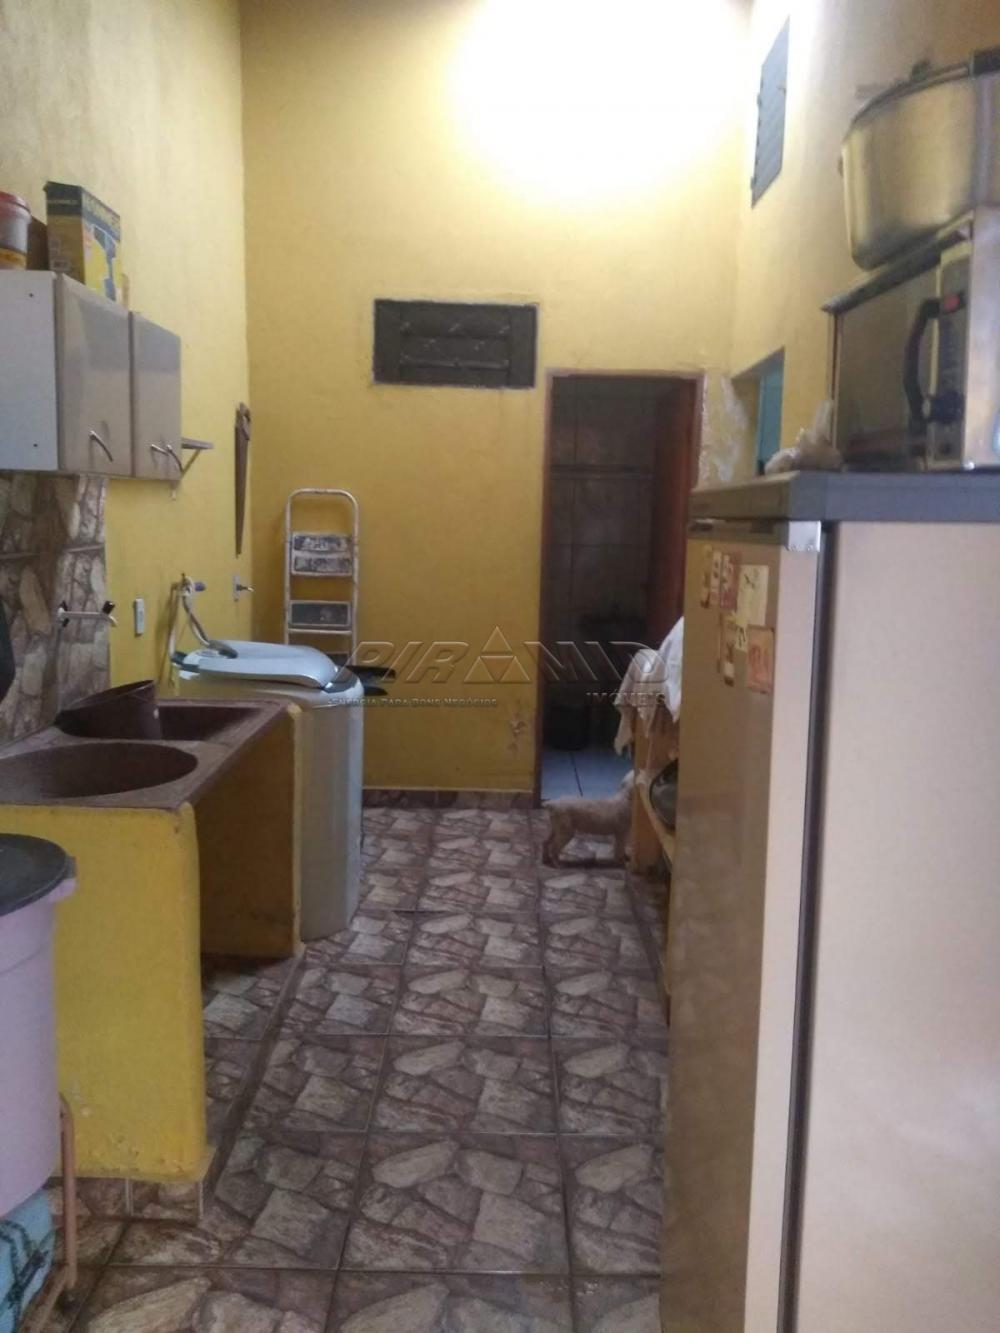 Comprar Casa / Padrão em Ribeirão Preto apenas R$ 165.000,00 - Foto 15